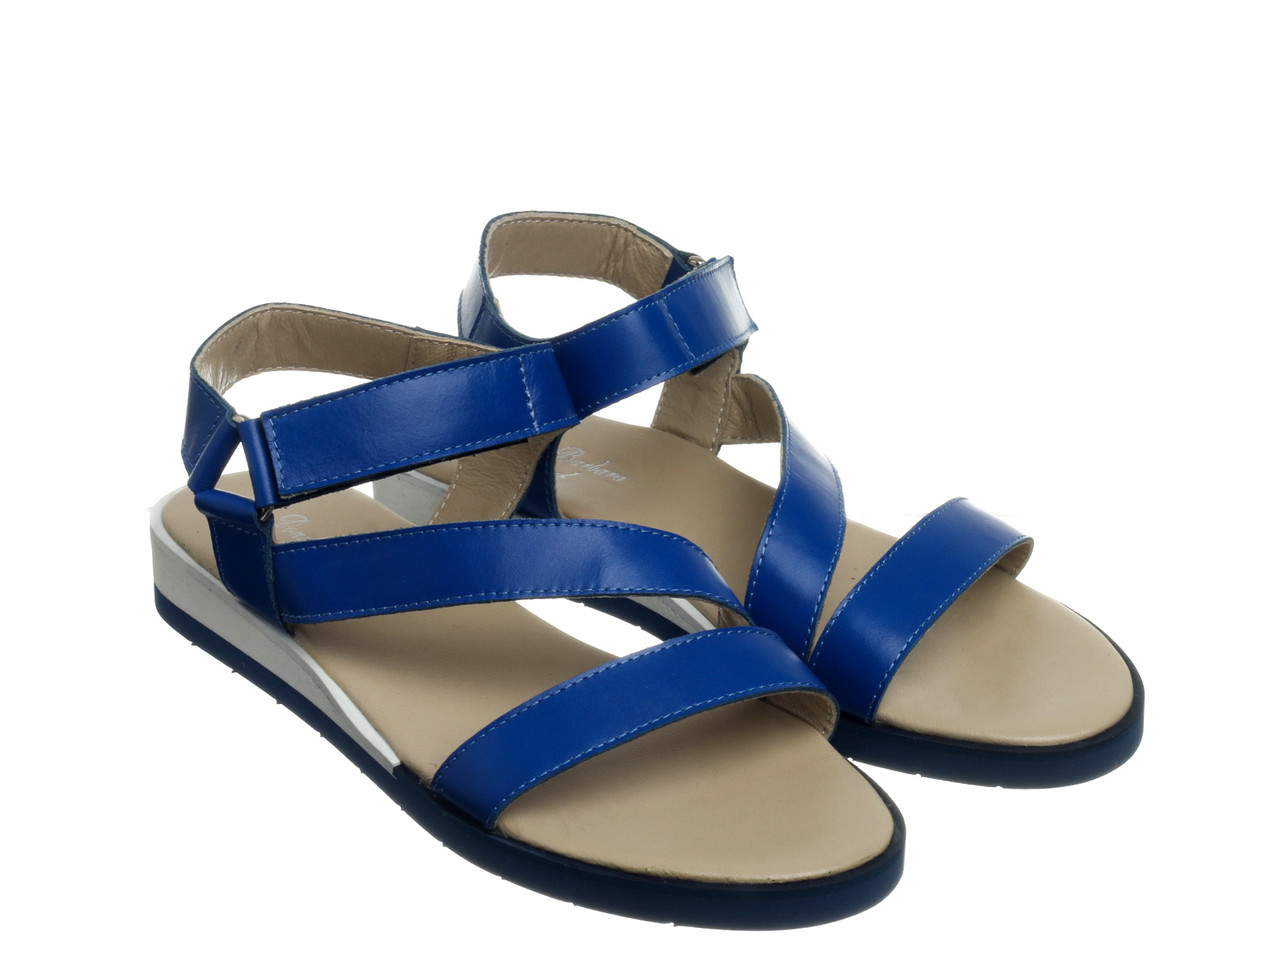 Босоніжки Etor 5960-10544-5 синій